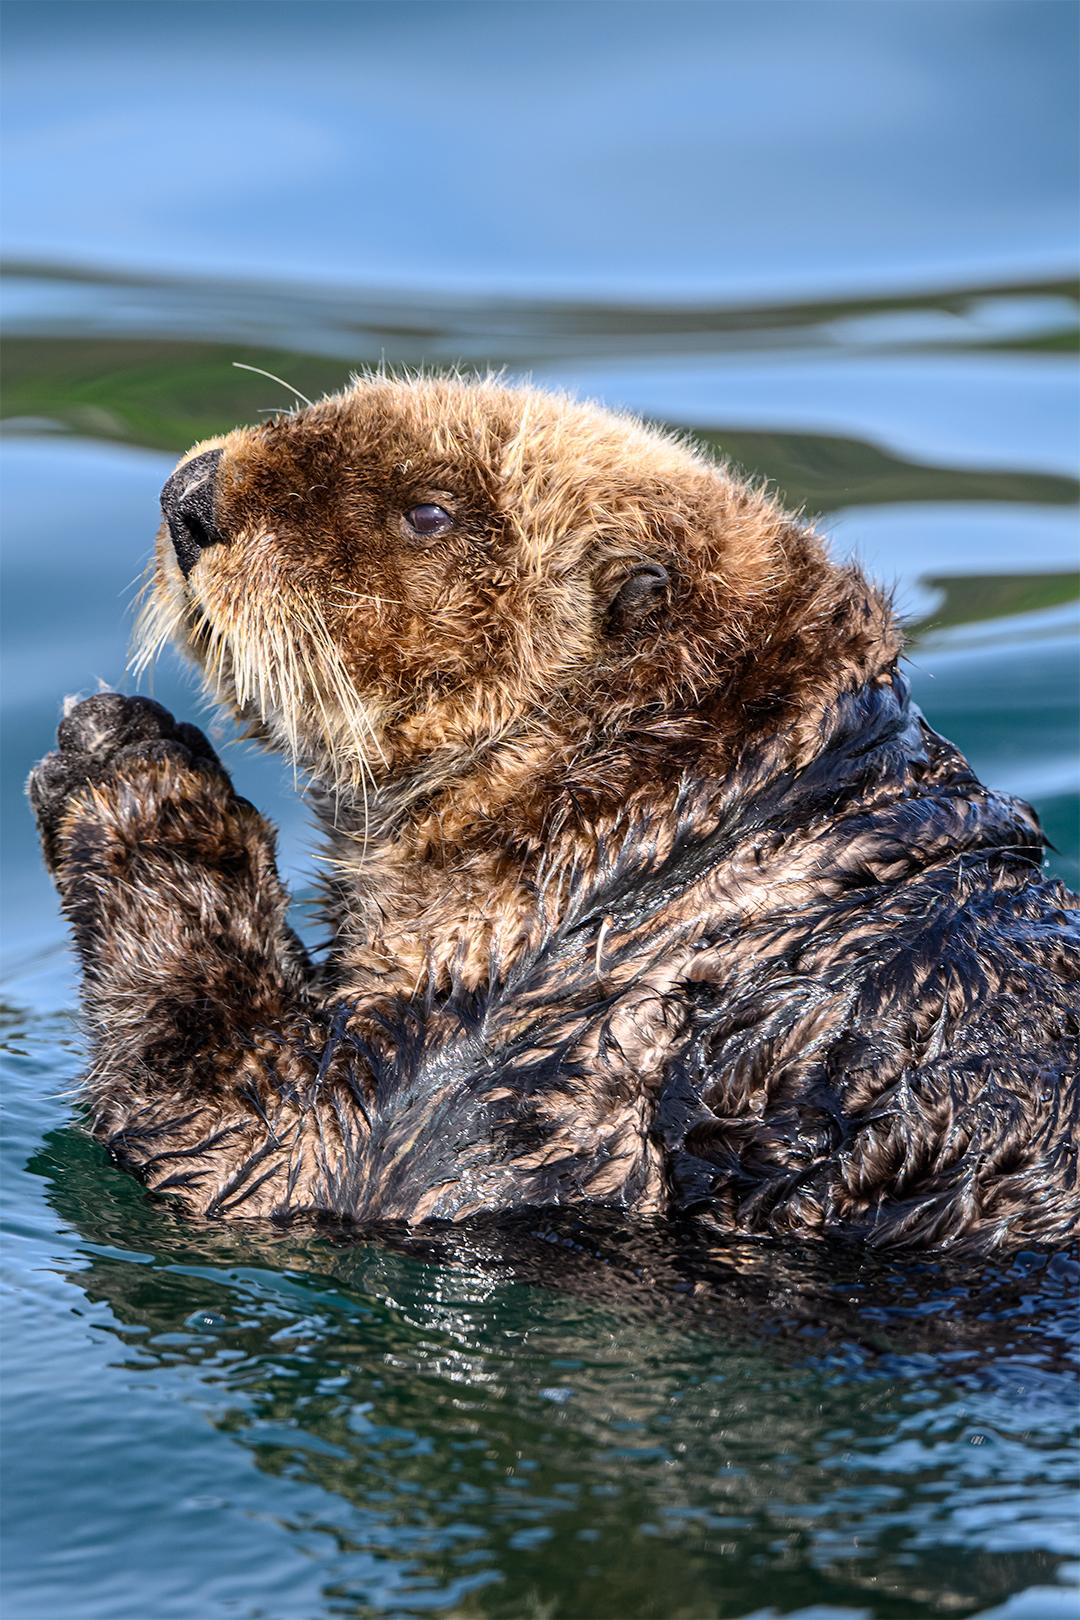 ak-2020-otters-day-2-6812-1-2